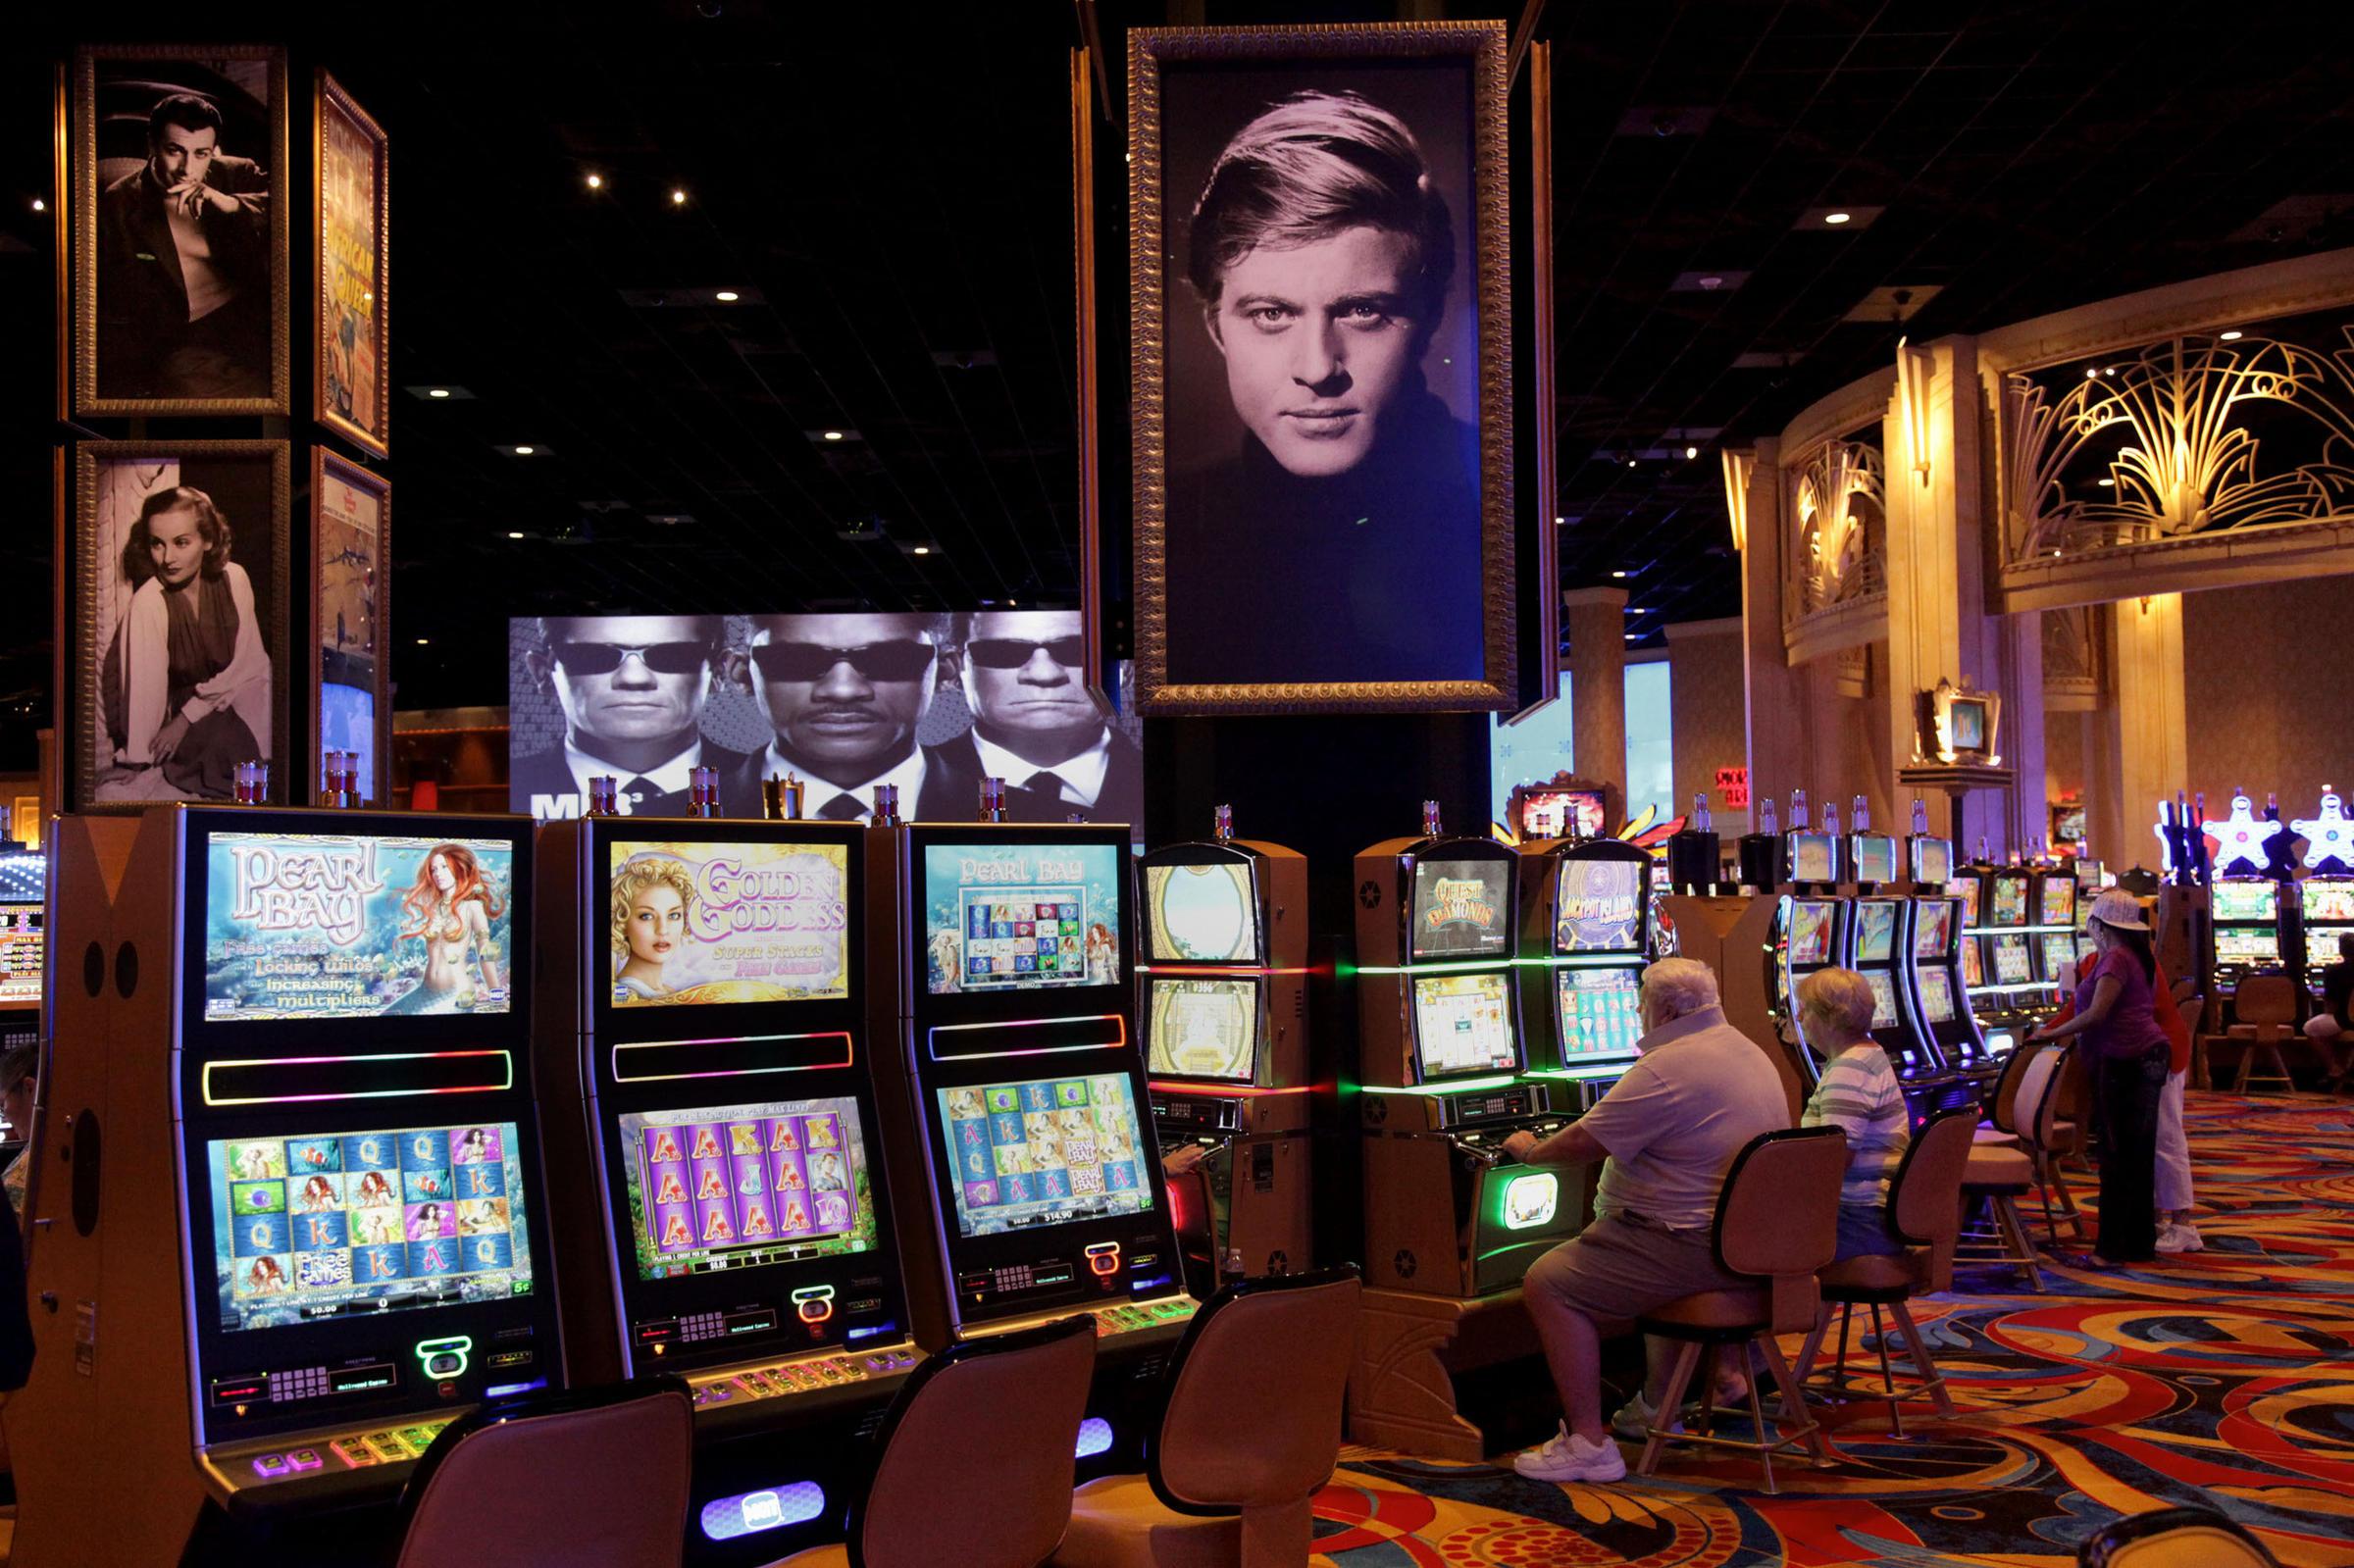 официальный сайт казино колумбус играть онлайн